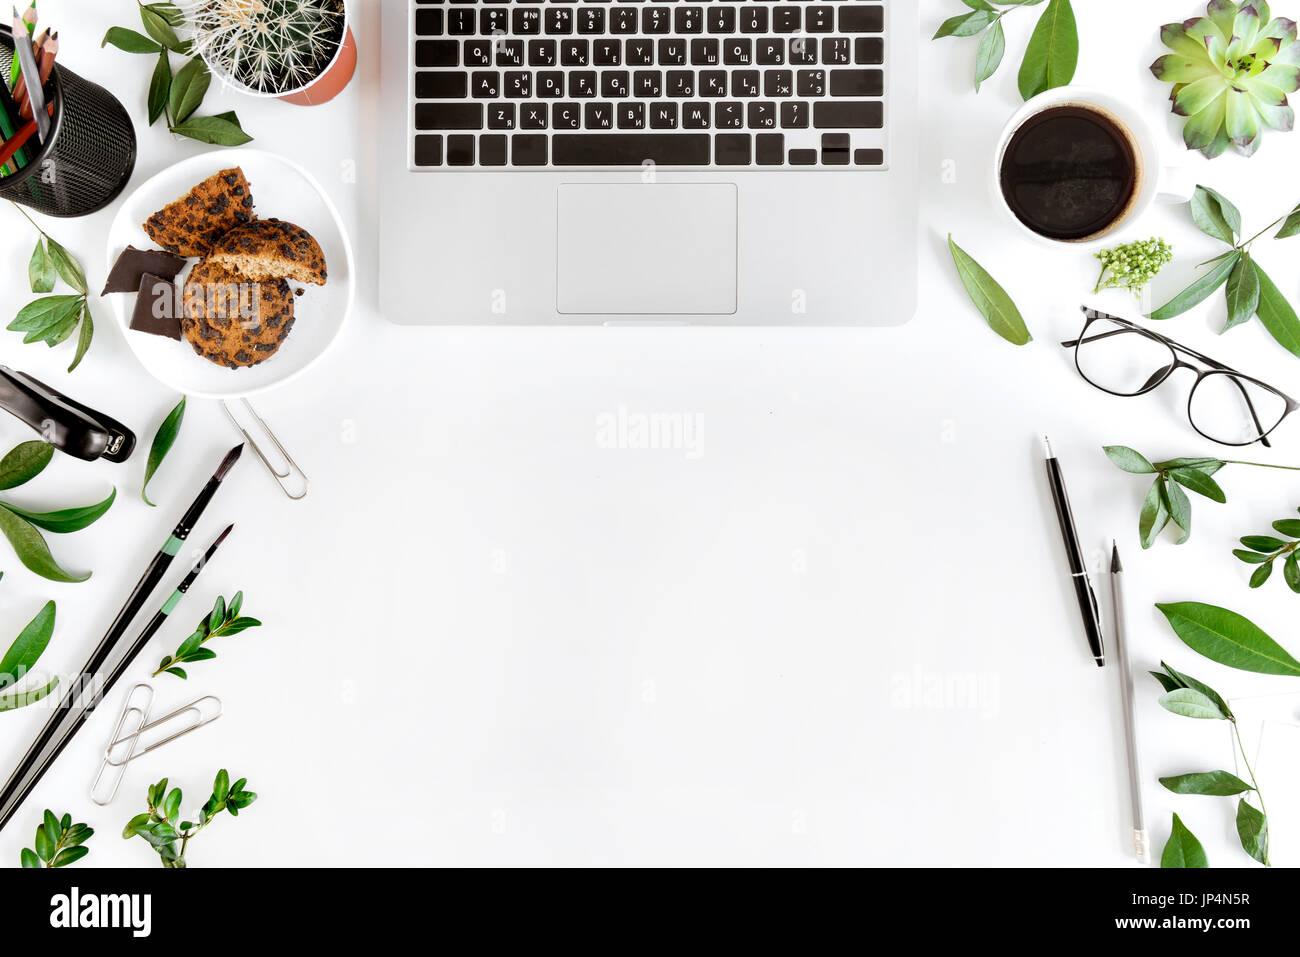 Draufsicht des Laptops, Büromaterial und Kaffee am Arbeitsplatz isoliert auf weiß, drahtlose Kommunikations-Konzept Stockbild